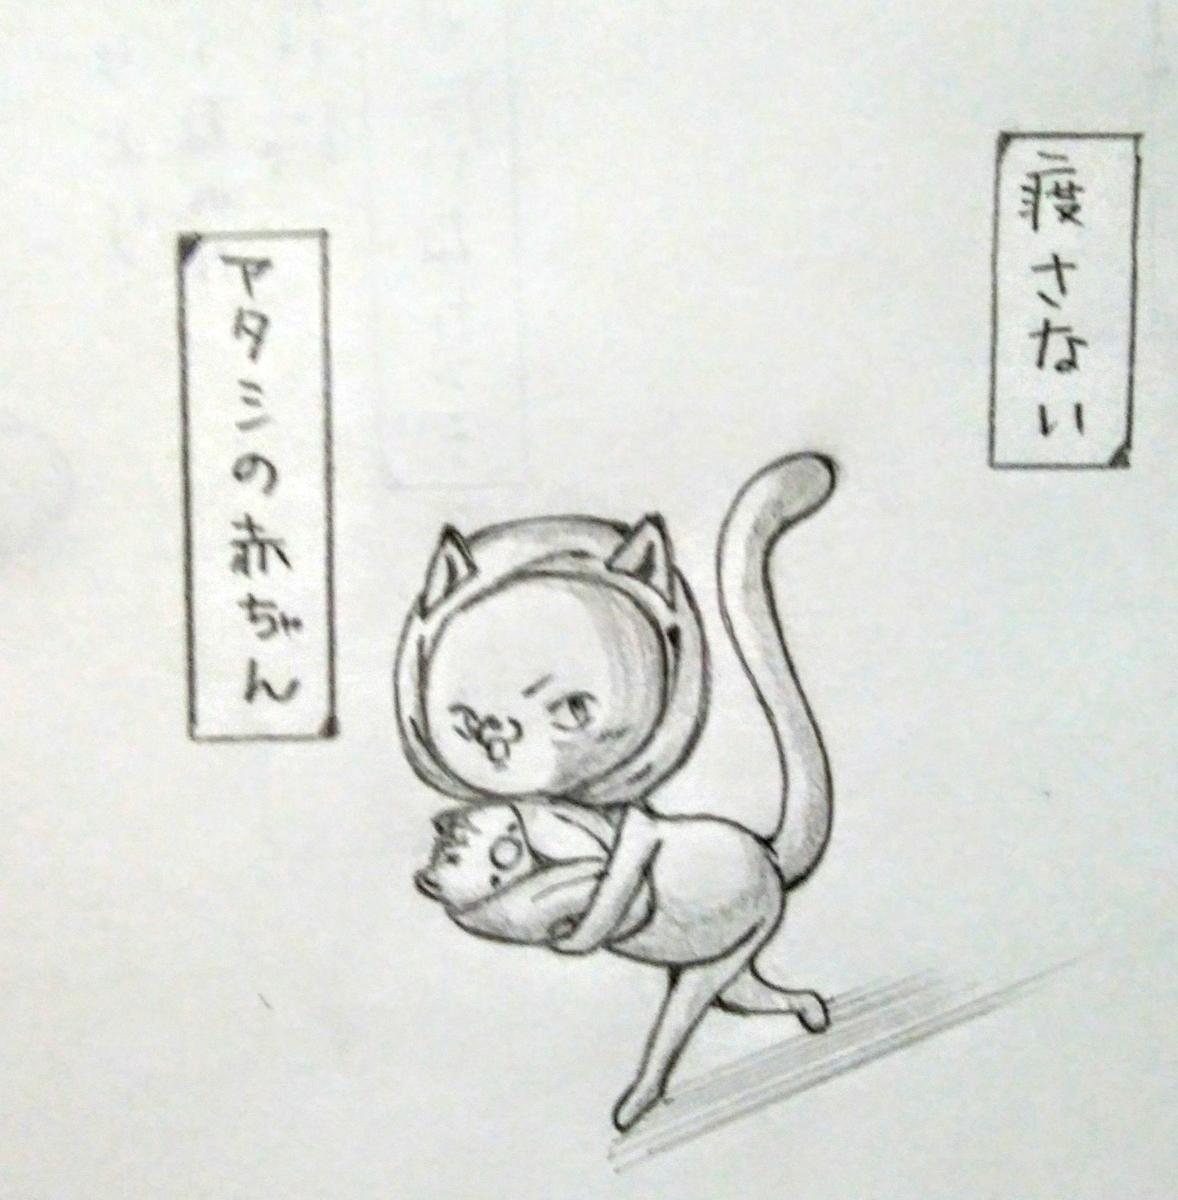 f:id:maricats:20200919160617j:plain